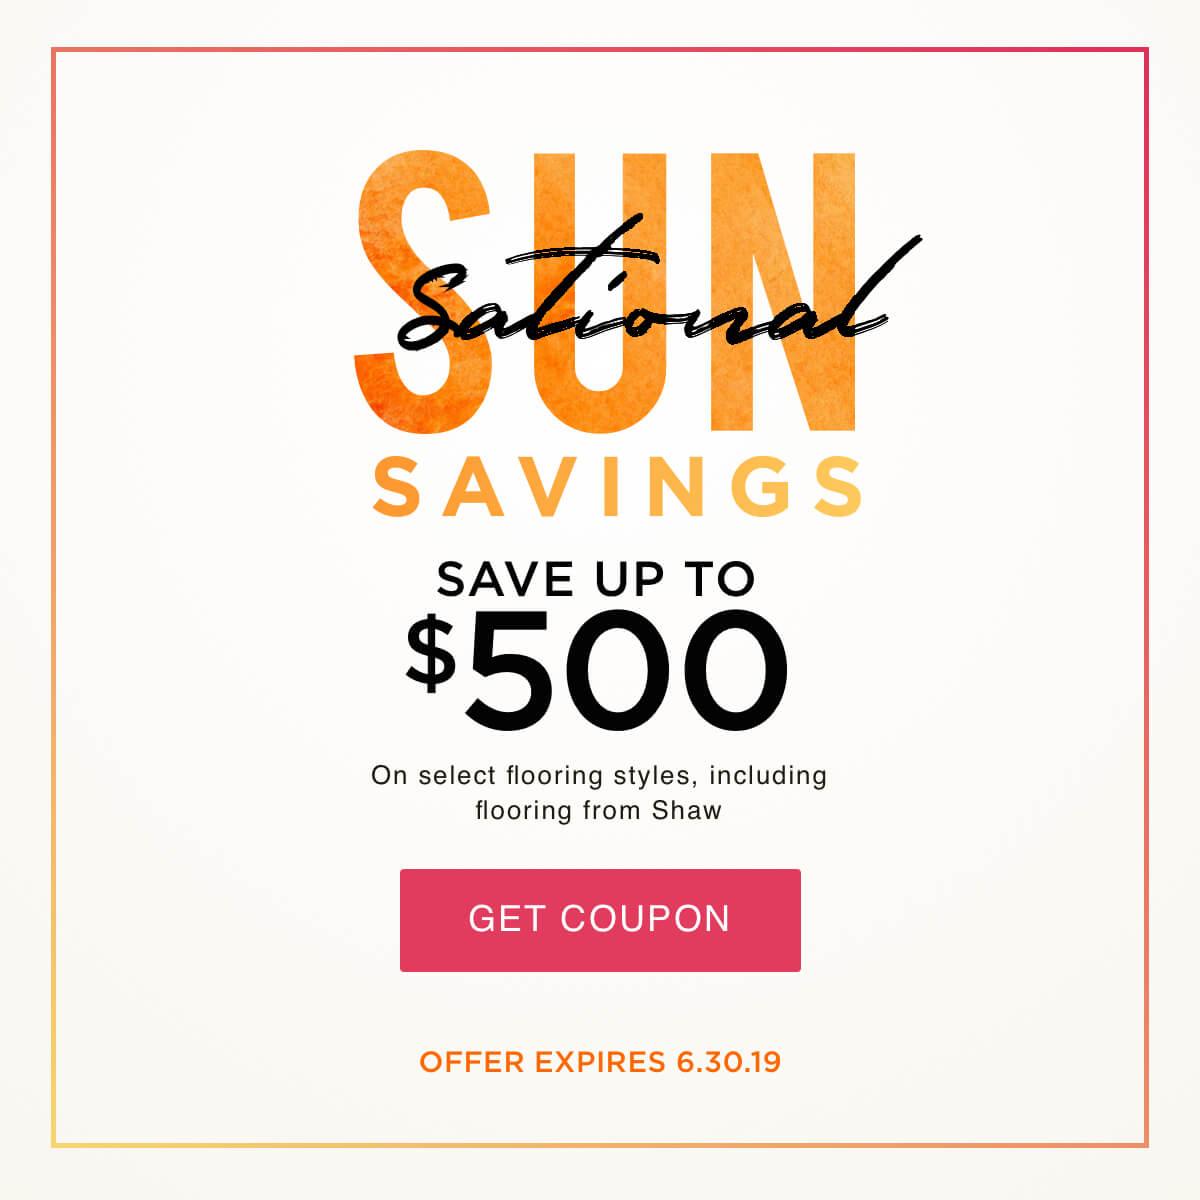 Sun Sational Savings Coupon